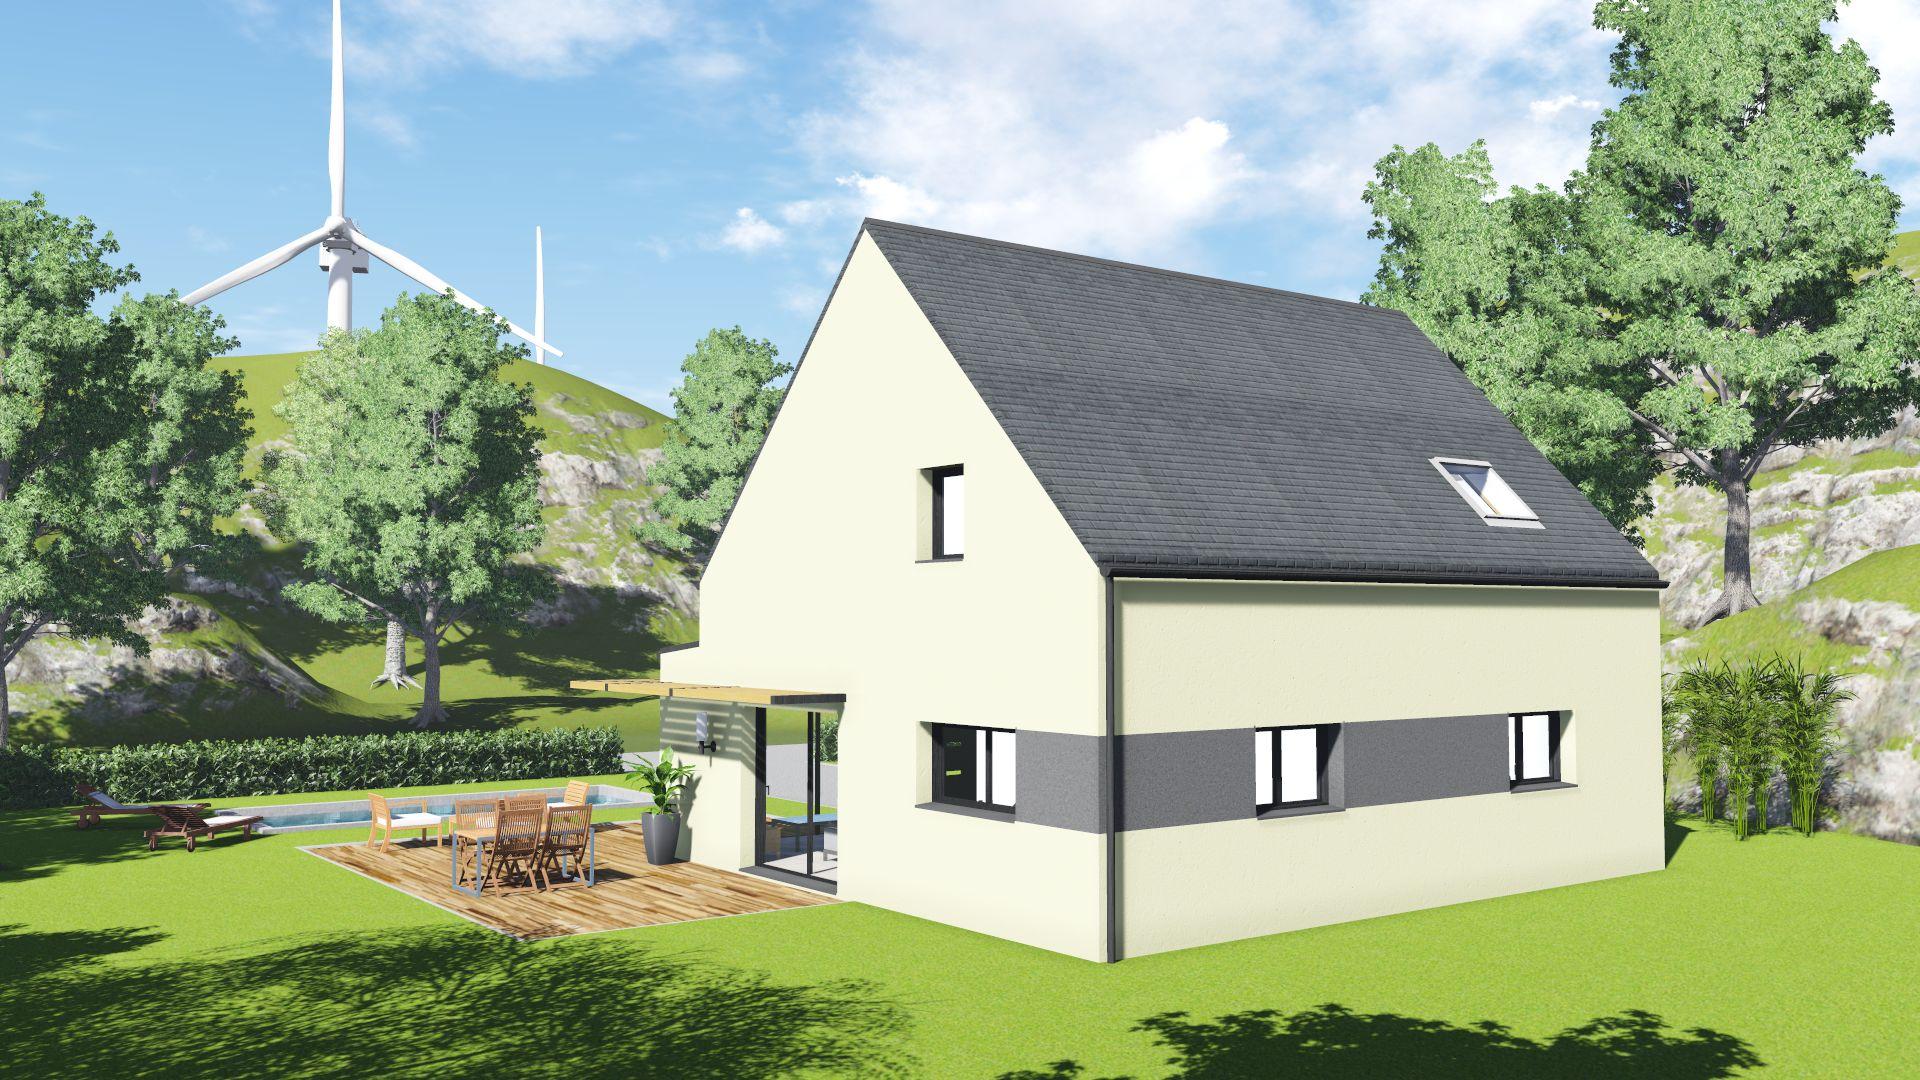 maison neuve st meloir des ondes 35350 maison 113m2 4 ch creactuel maison individuelle. Black Bedroom Furniture Sets. Home Design Ideas